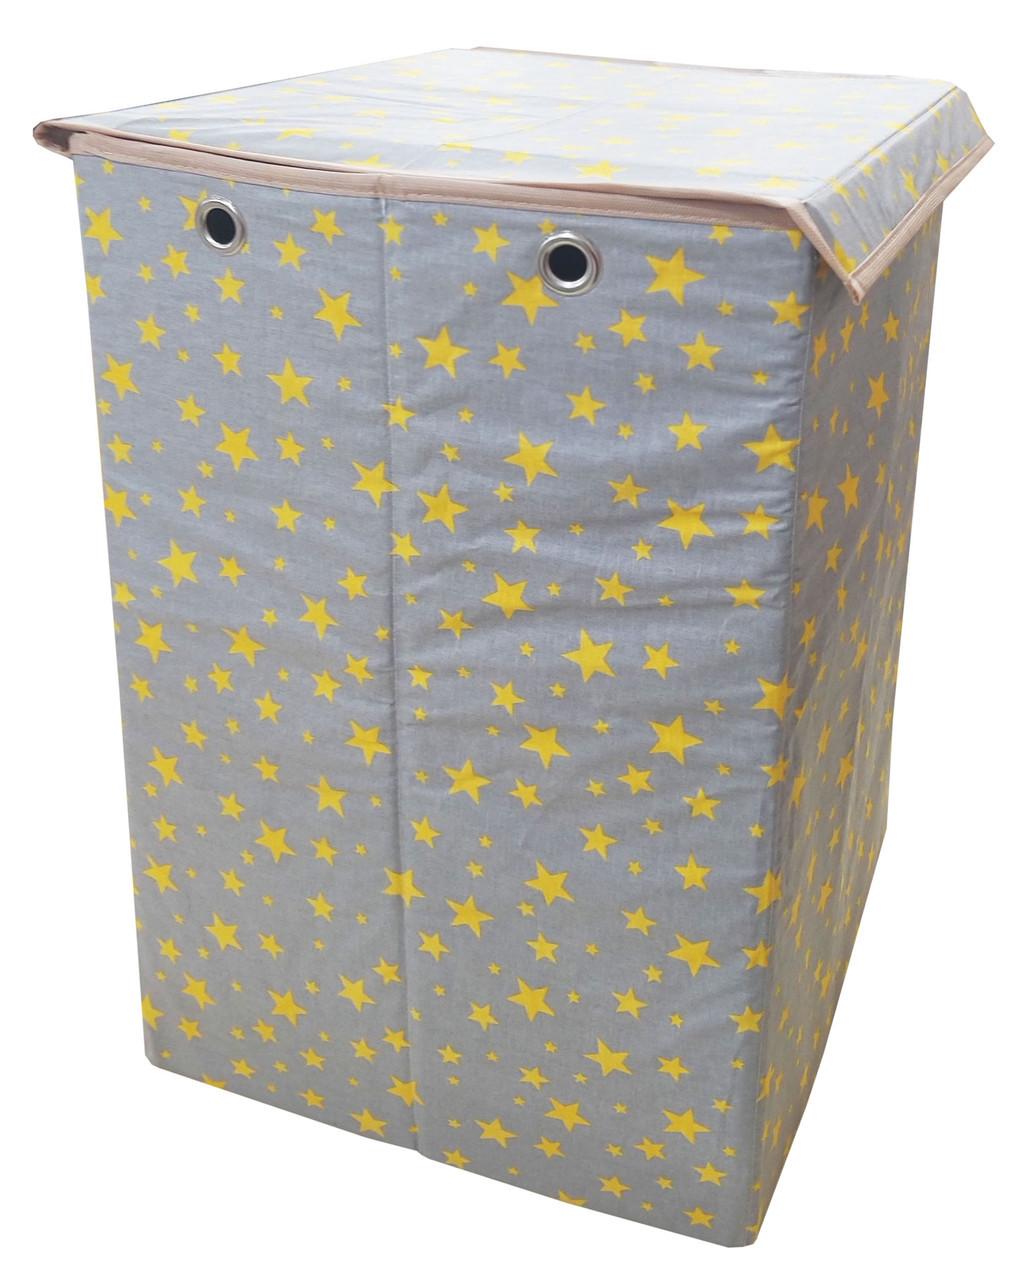 Ящик для зберігання іграшок, 35*35*55 см, (бавовна), Зірки на сірому ( з кришкою )